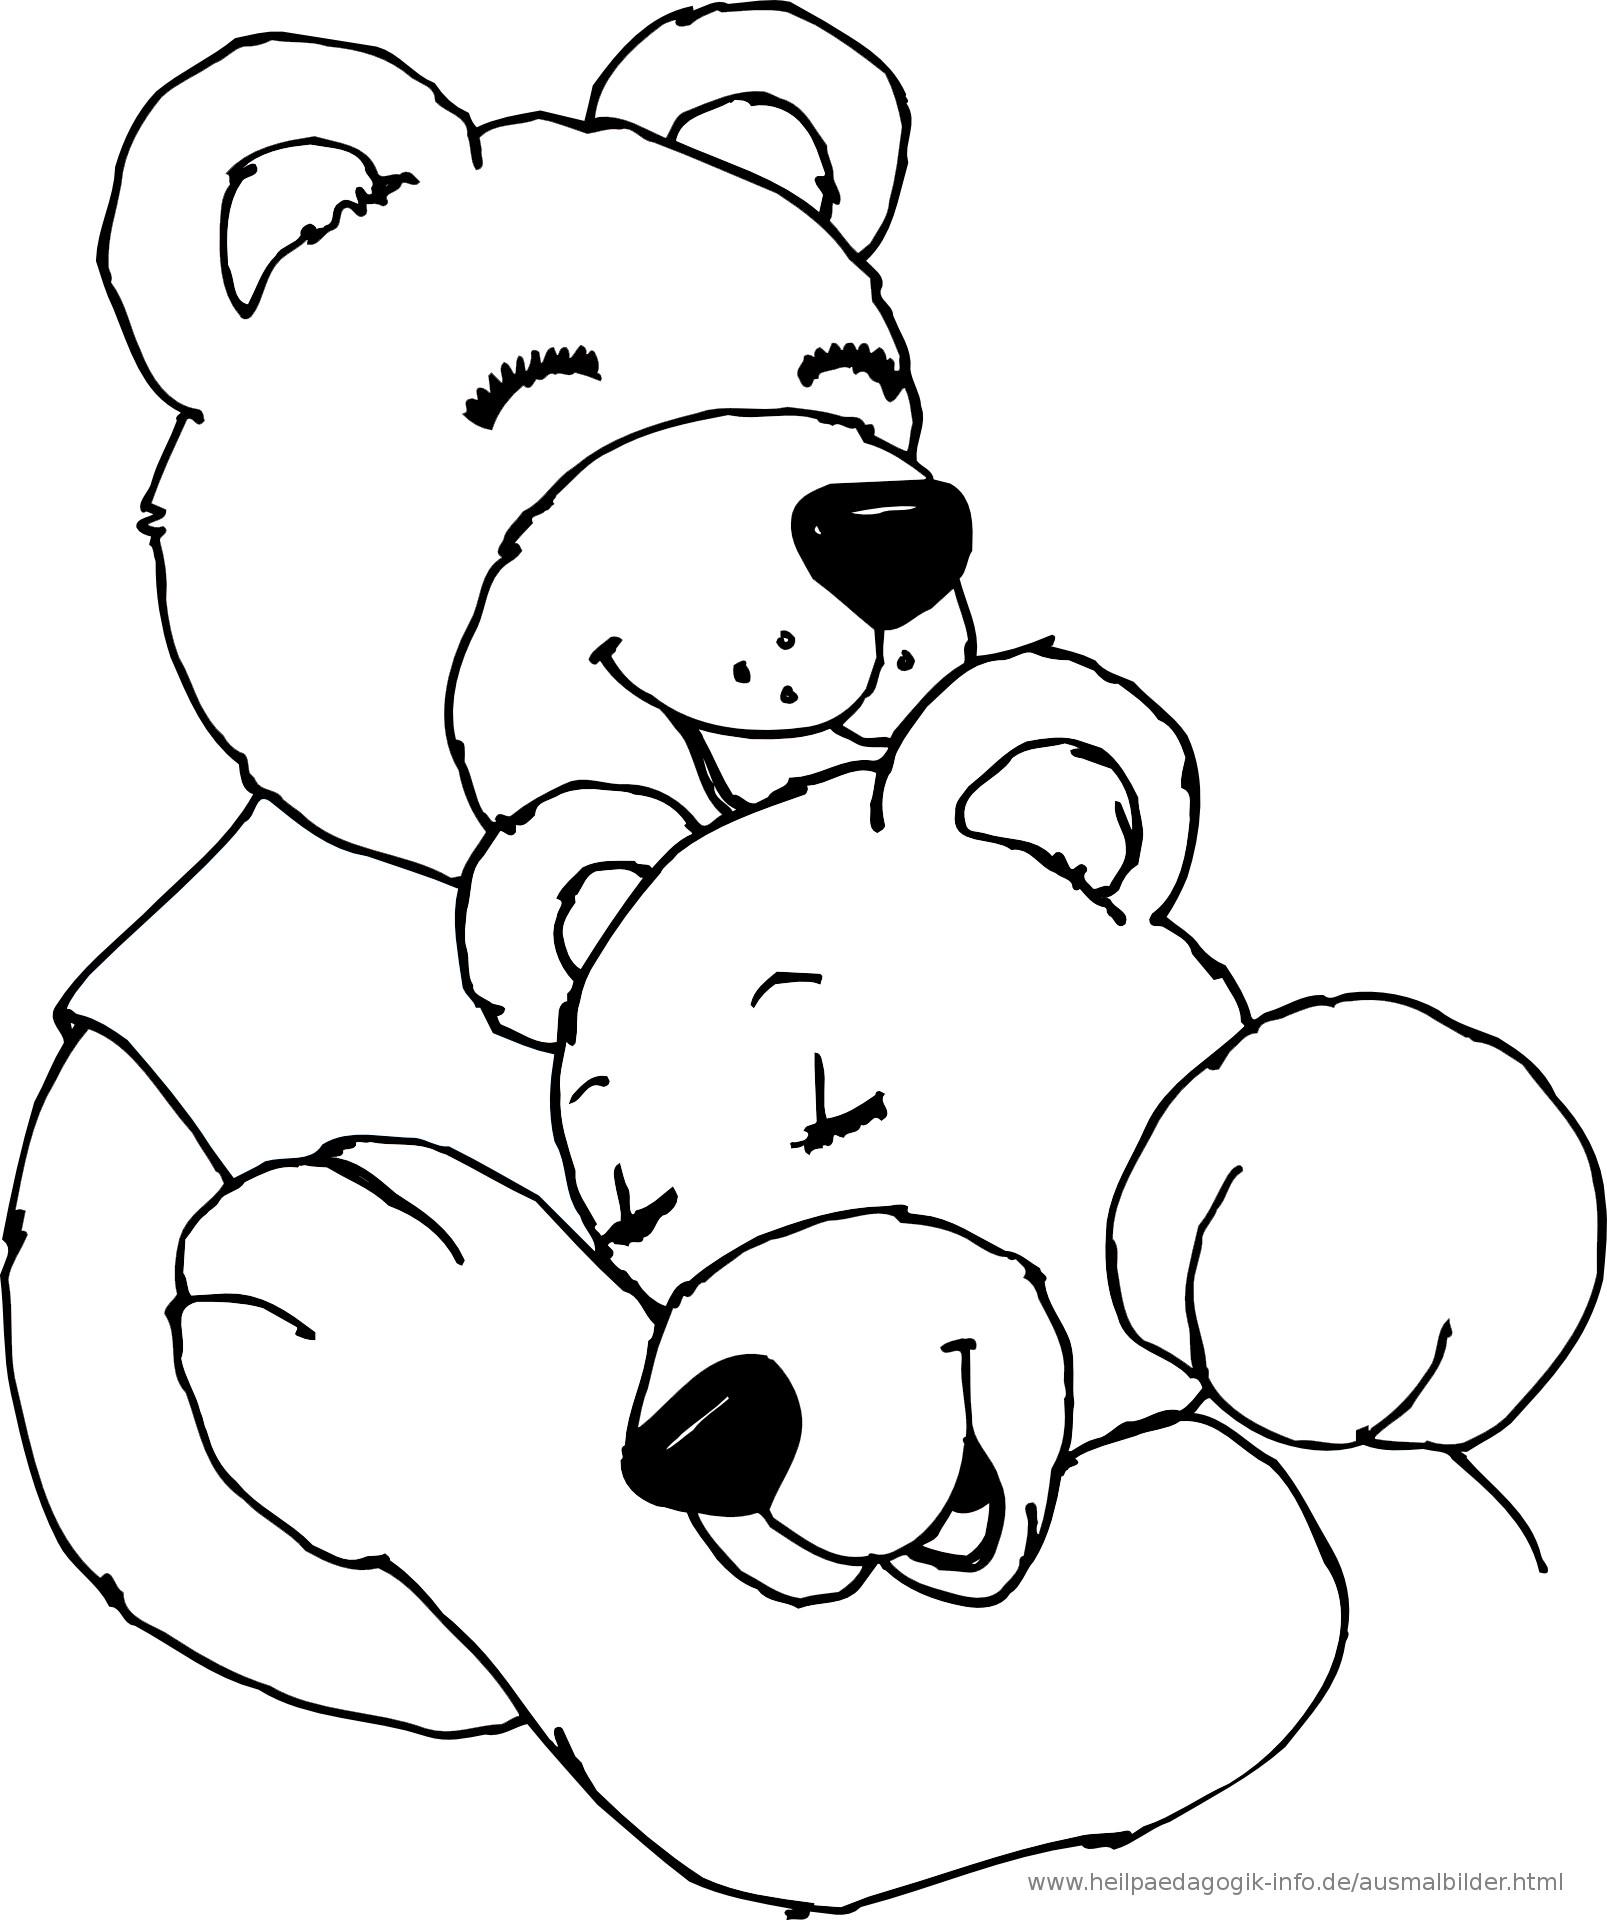 Bären Ausmalbilder  Ausmalbilder sonstige Tiere